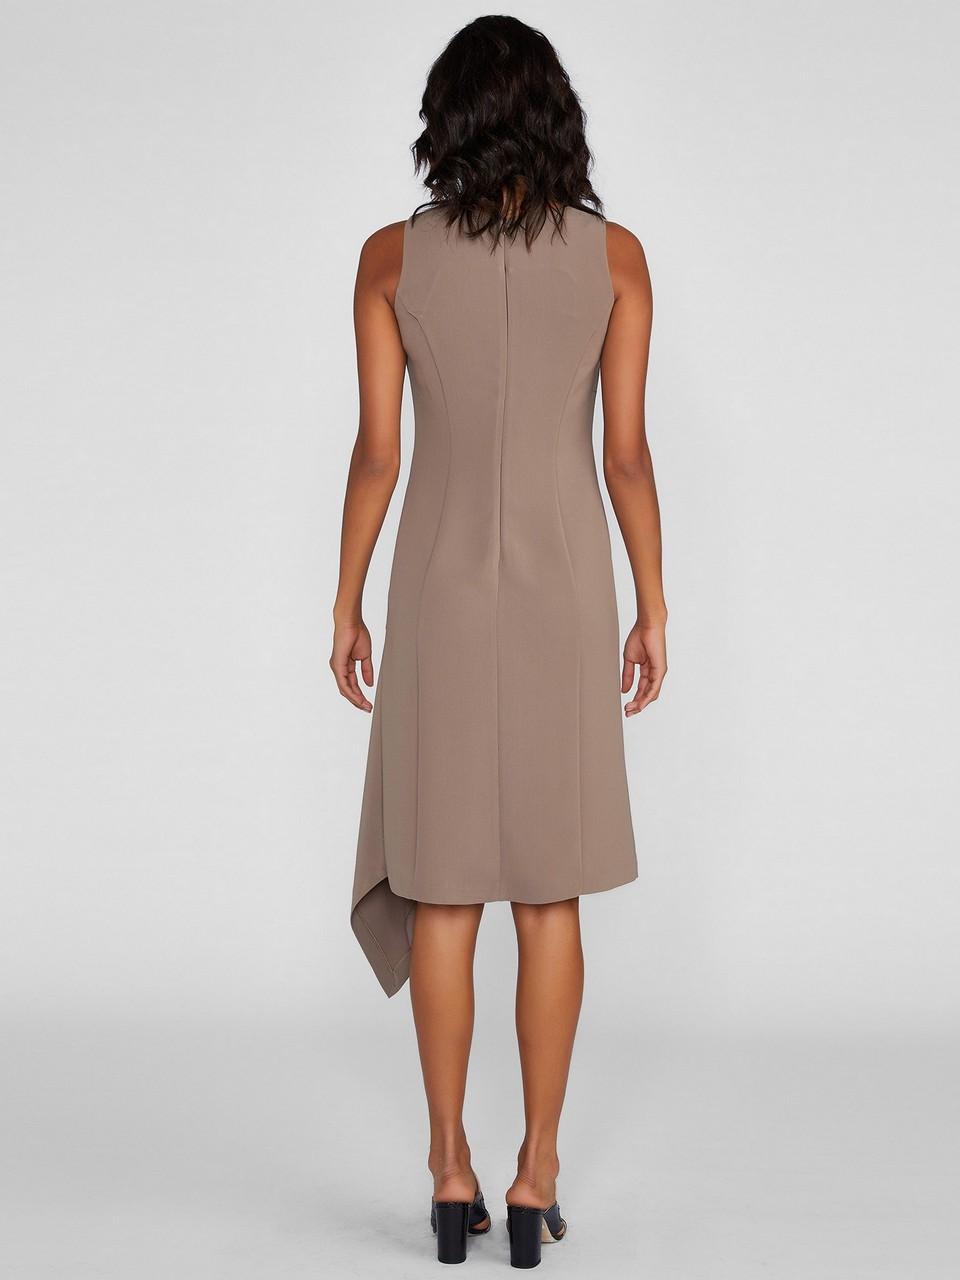 Sıfır Yaka Sıfır Kol Asimetrik Kesim Elbise